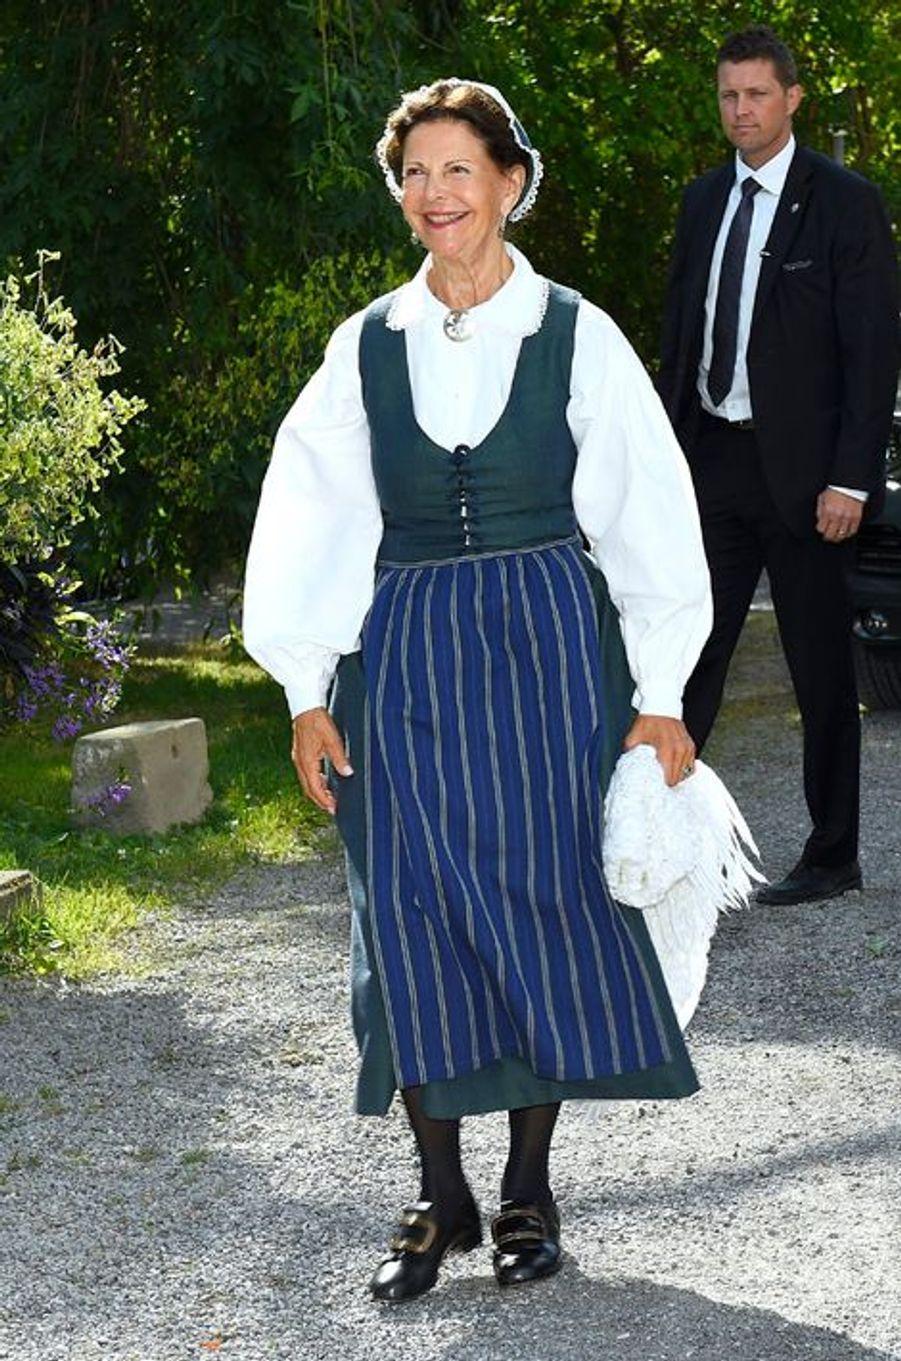 Ce mercredi 26 août, alors que la princesse Victoria de Suède remettait des prix à Stockholm dans une robe d'été légère, sa mère la reine Silvia dégainait une tenue folklorique non loin de là, à Ekero.Chaque dimanche, le Royal Blog de Paris Match vous propose de voir ou revoir les plus belles photographies de la semaine royale.